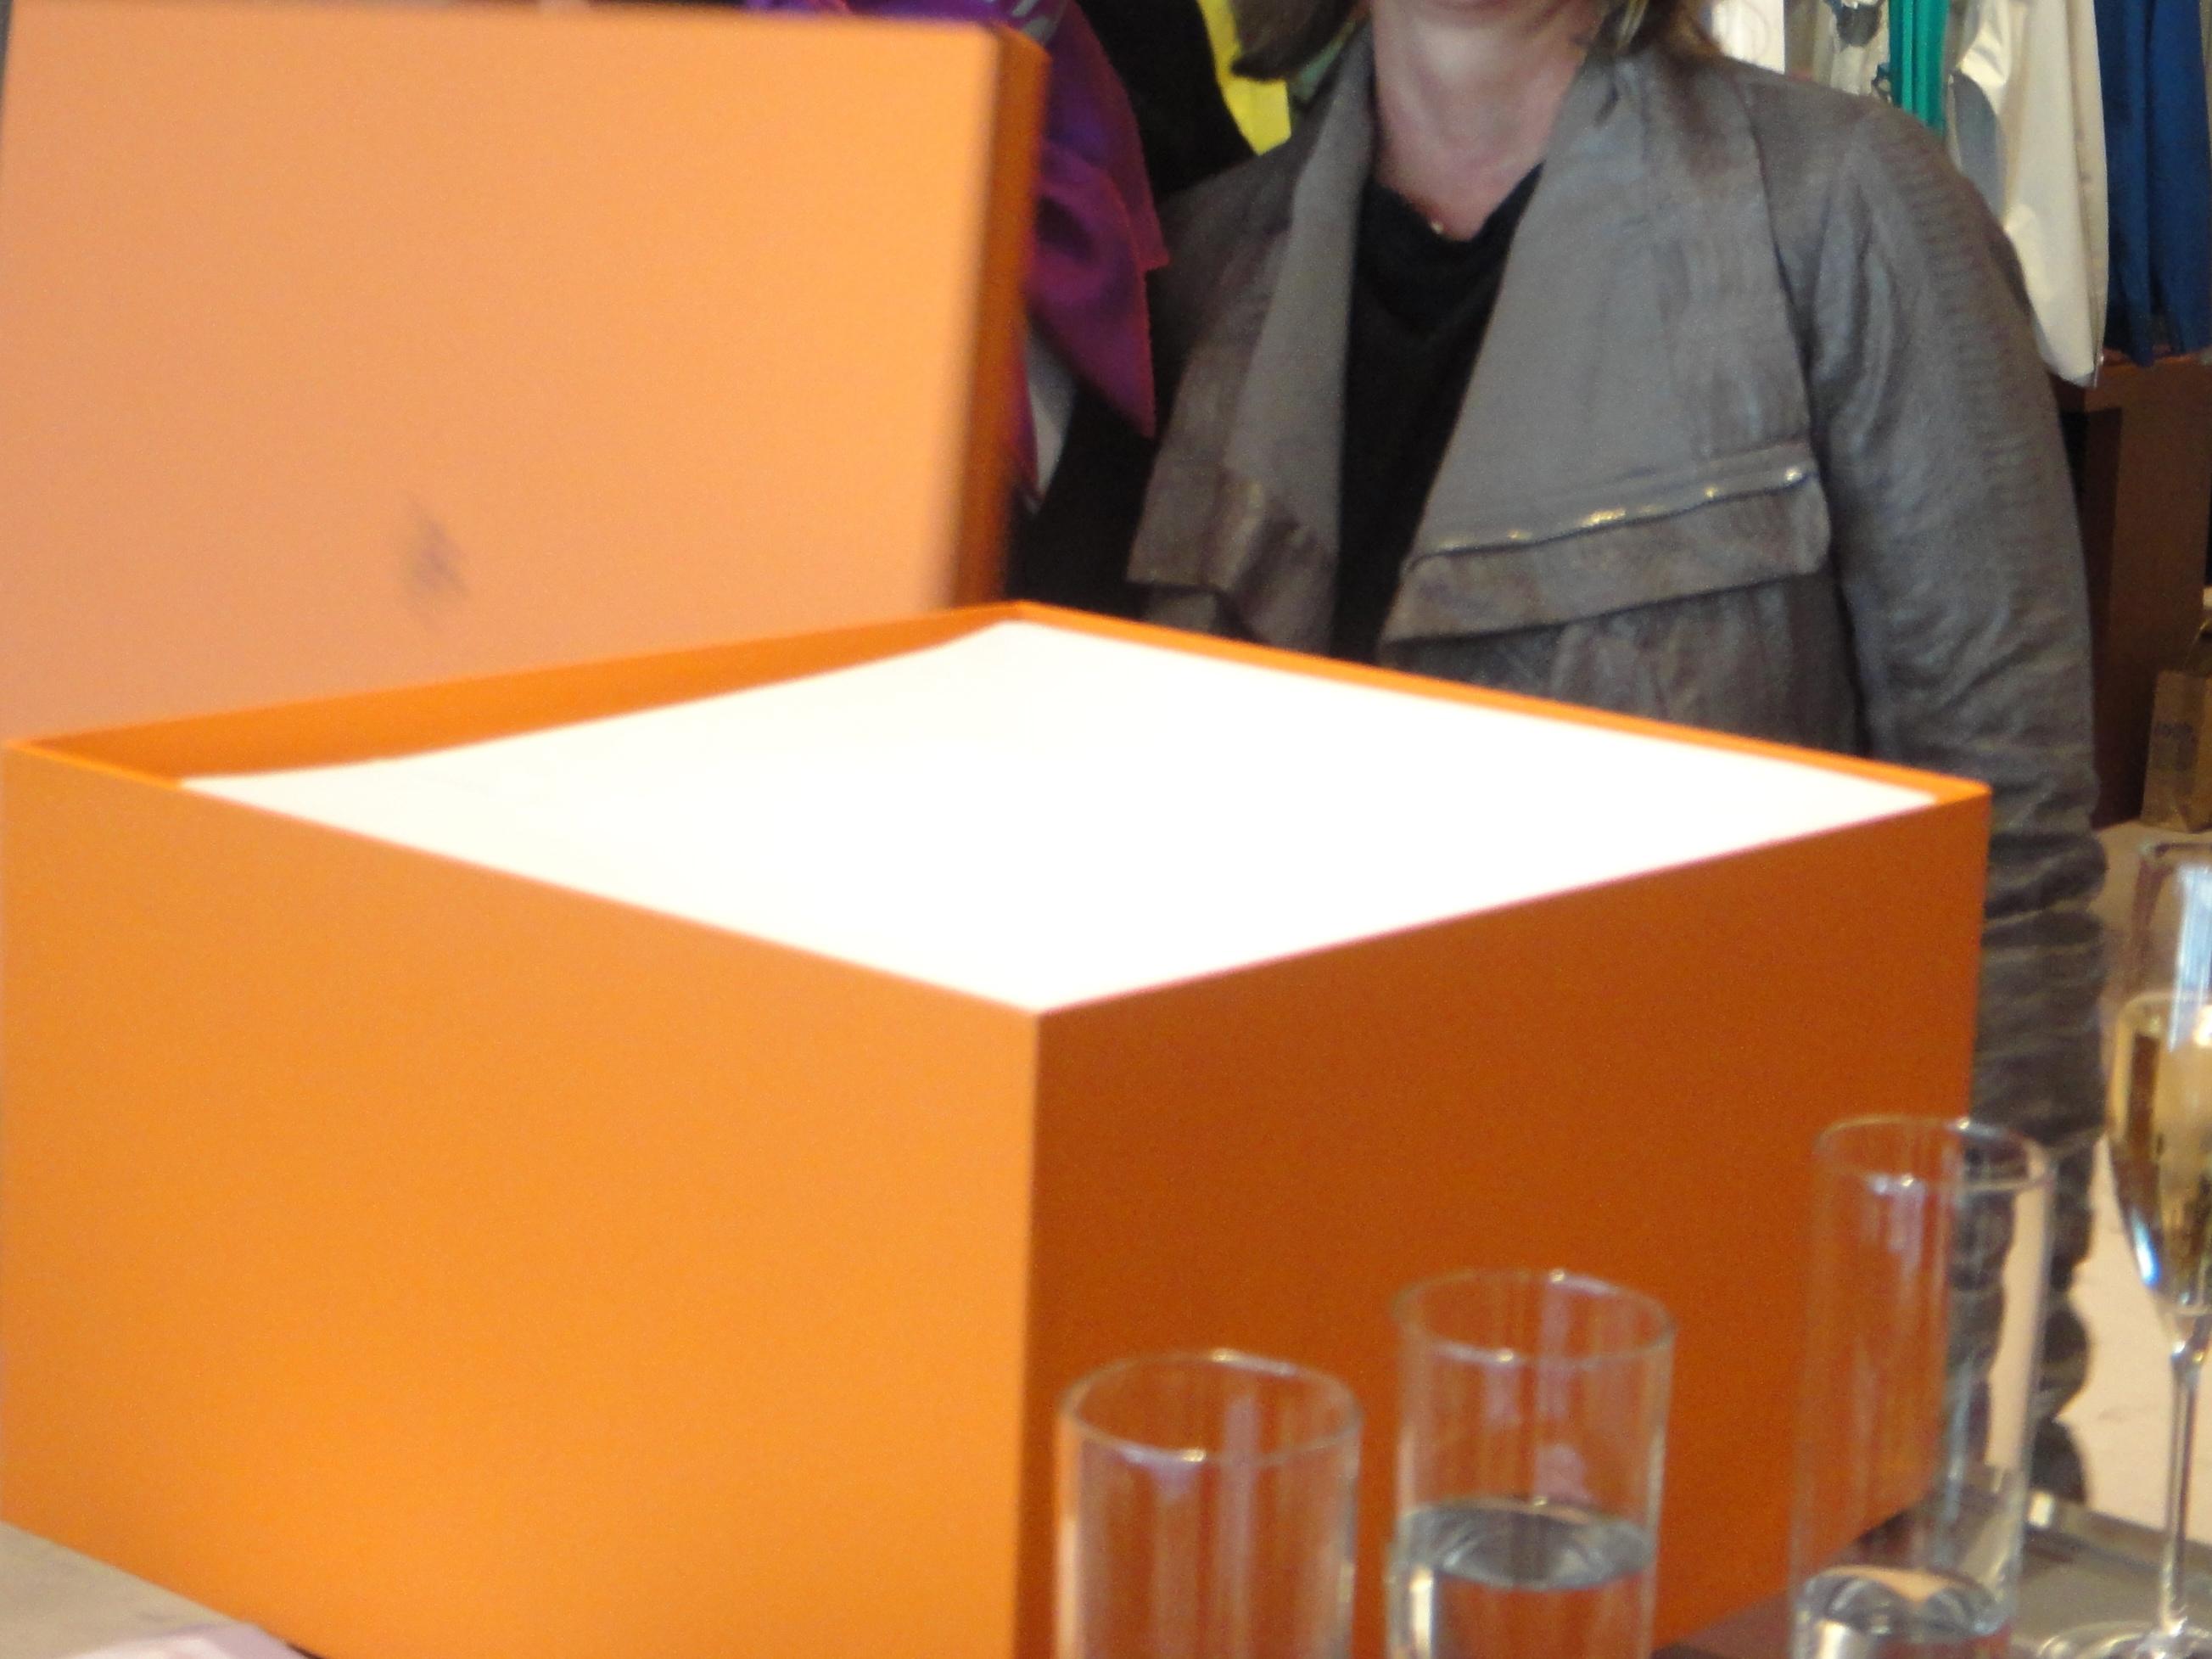 what's inside the box? / Was befindet sich in dem Karton?